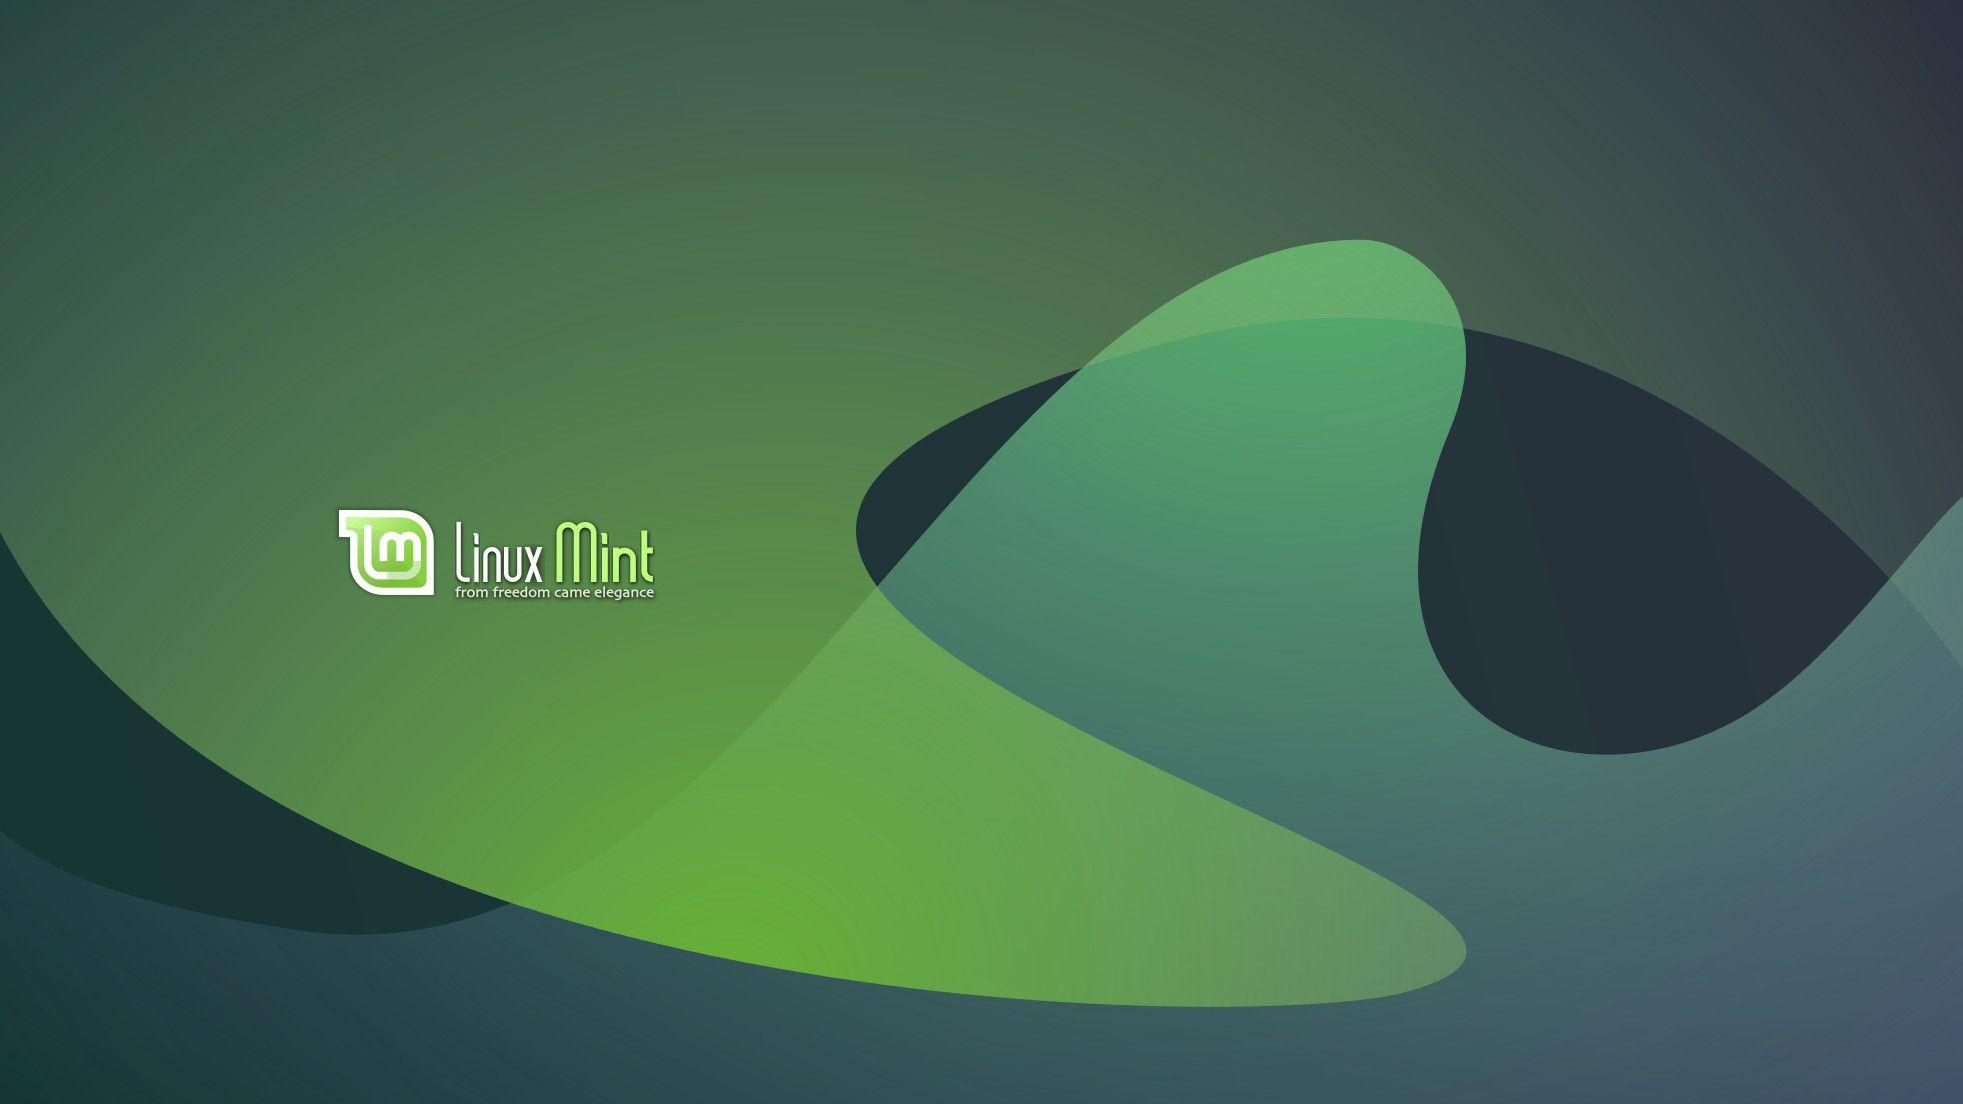 Mint Linux Wallpaper Screenshot